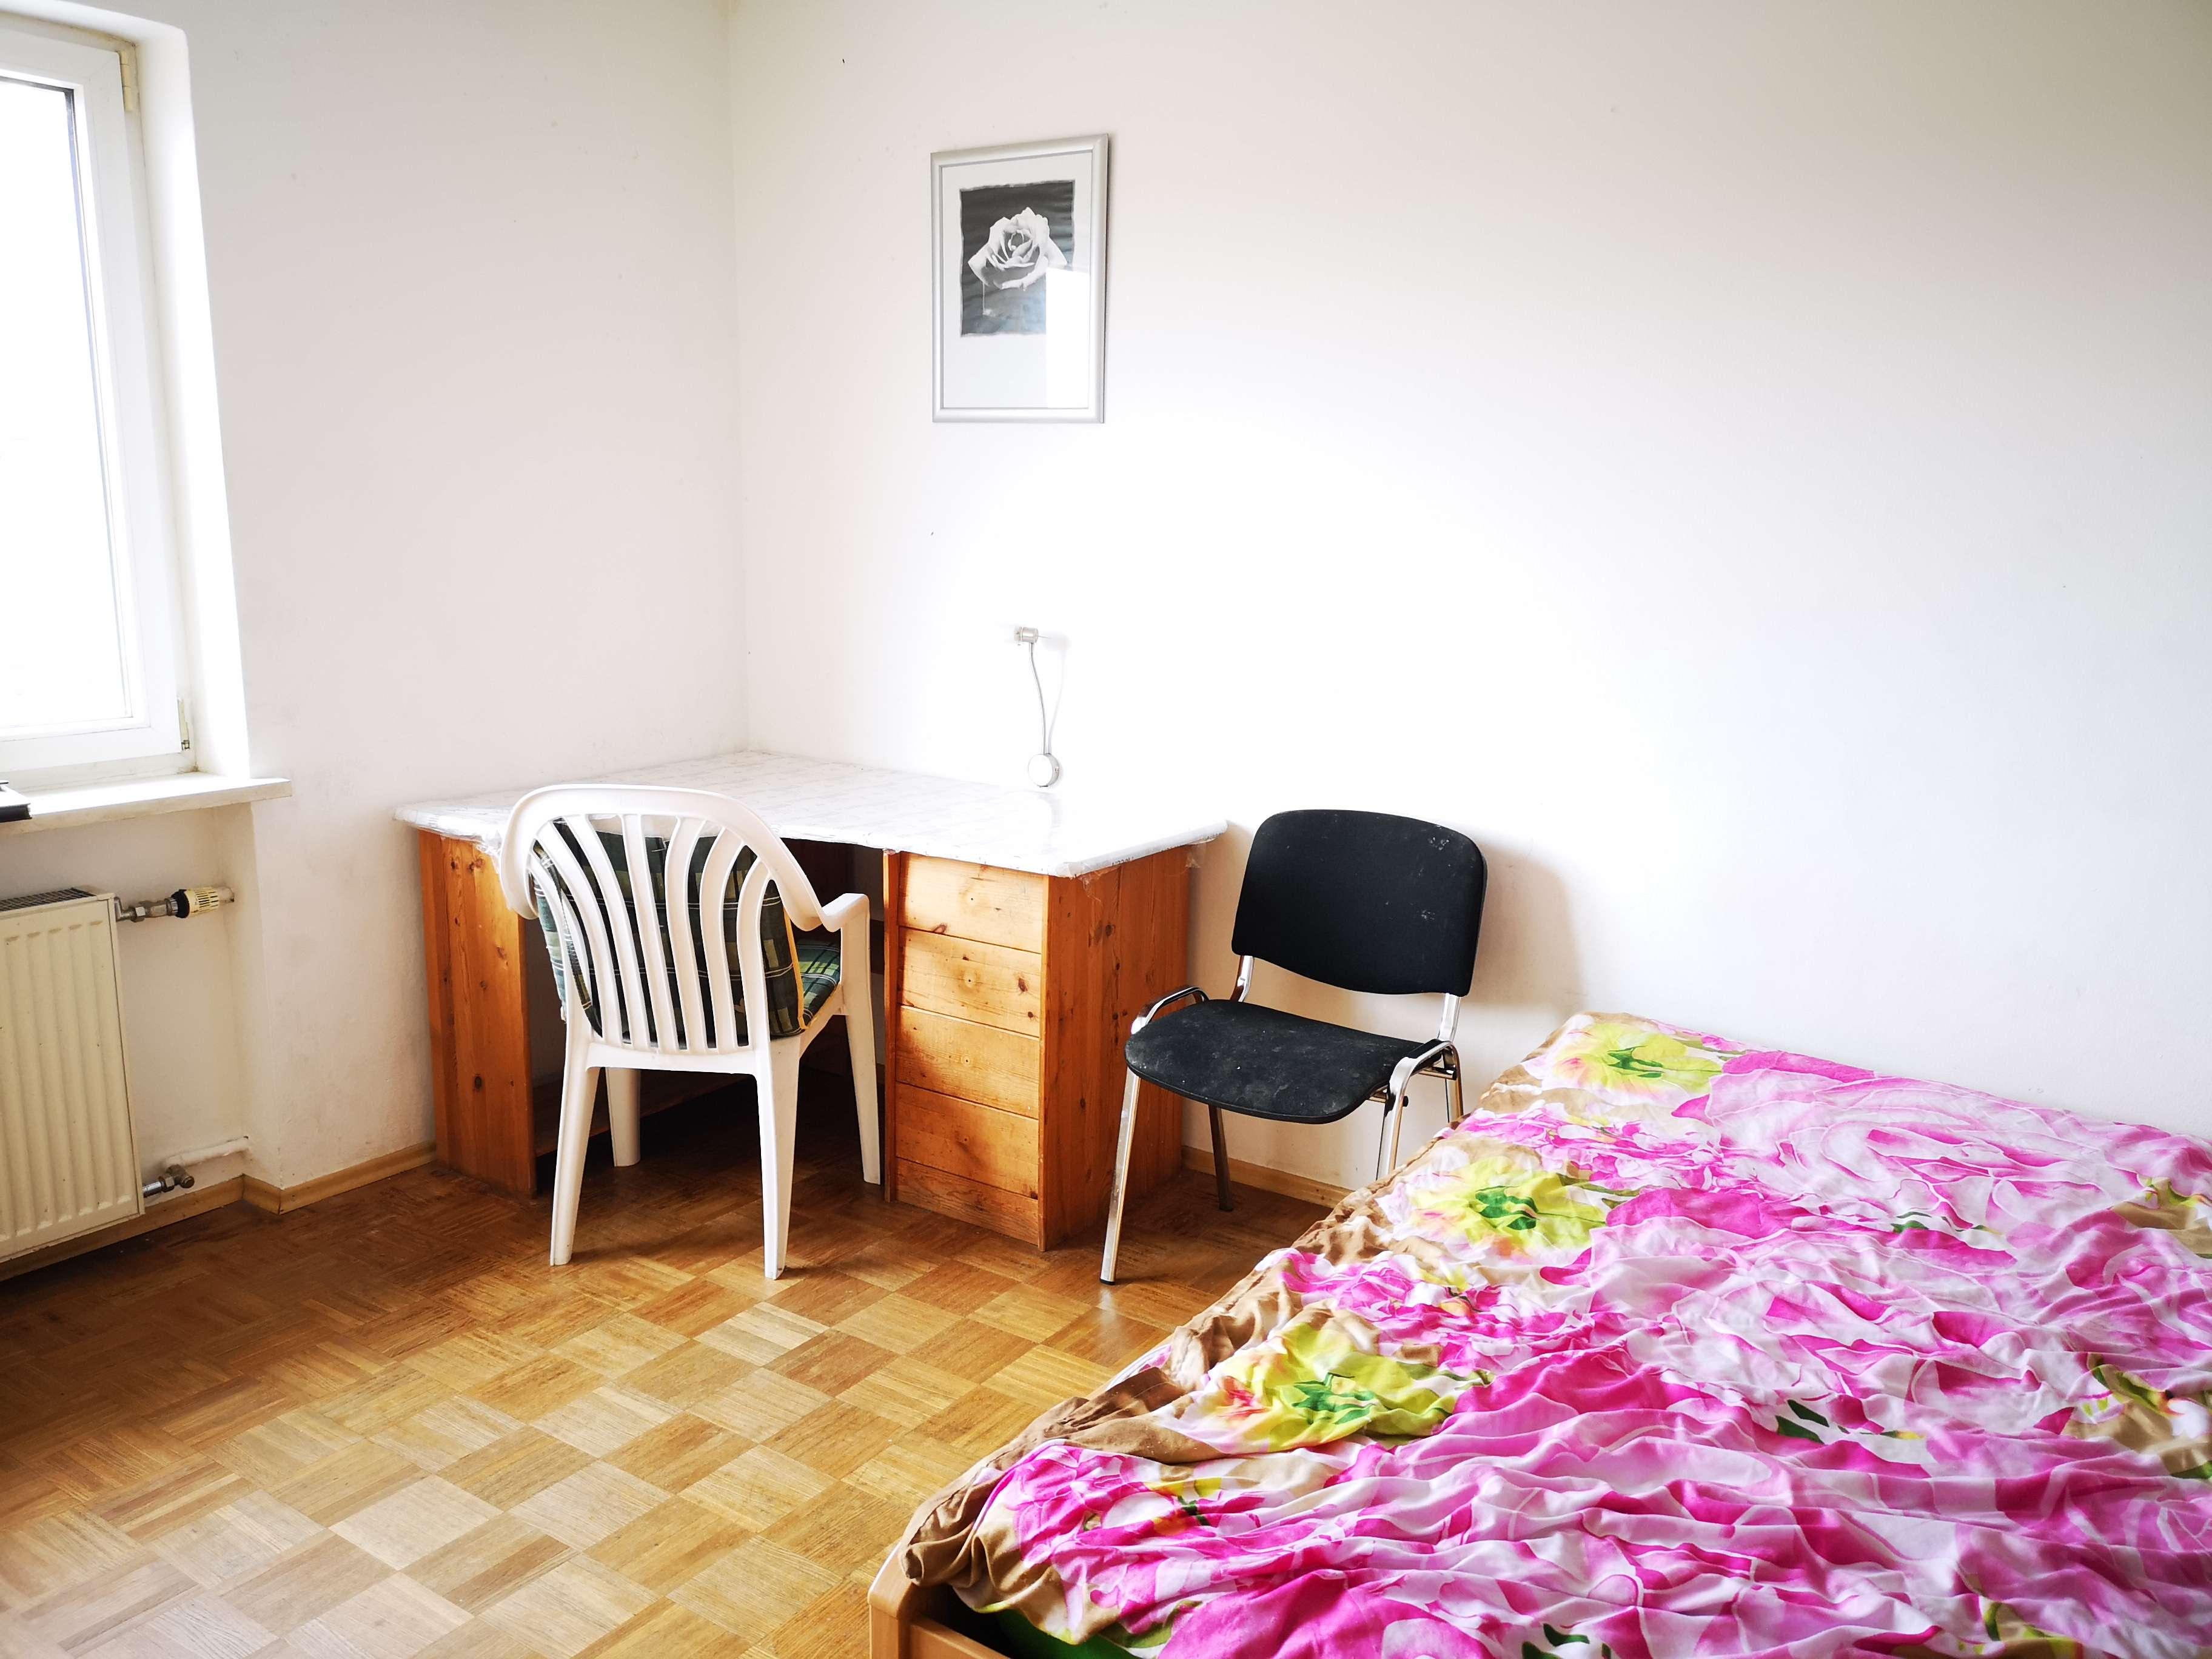 NEUMANN - Gewerbliche Zimmervermietung an Handwerker/Monteure in Südwest (Ingolstadt)